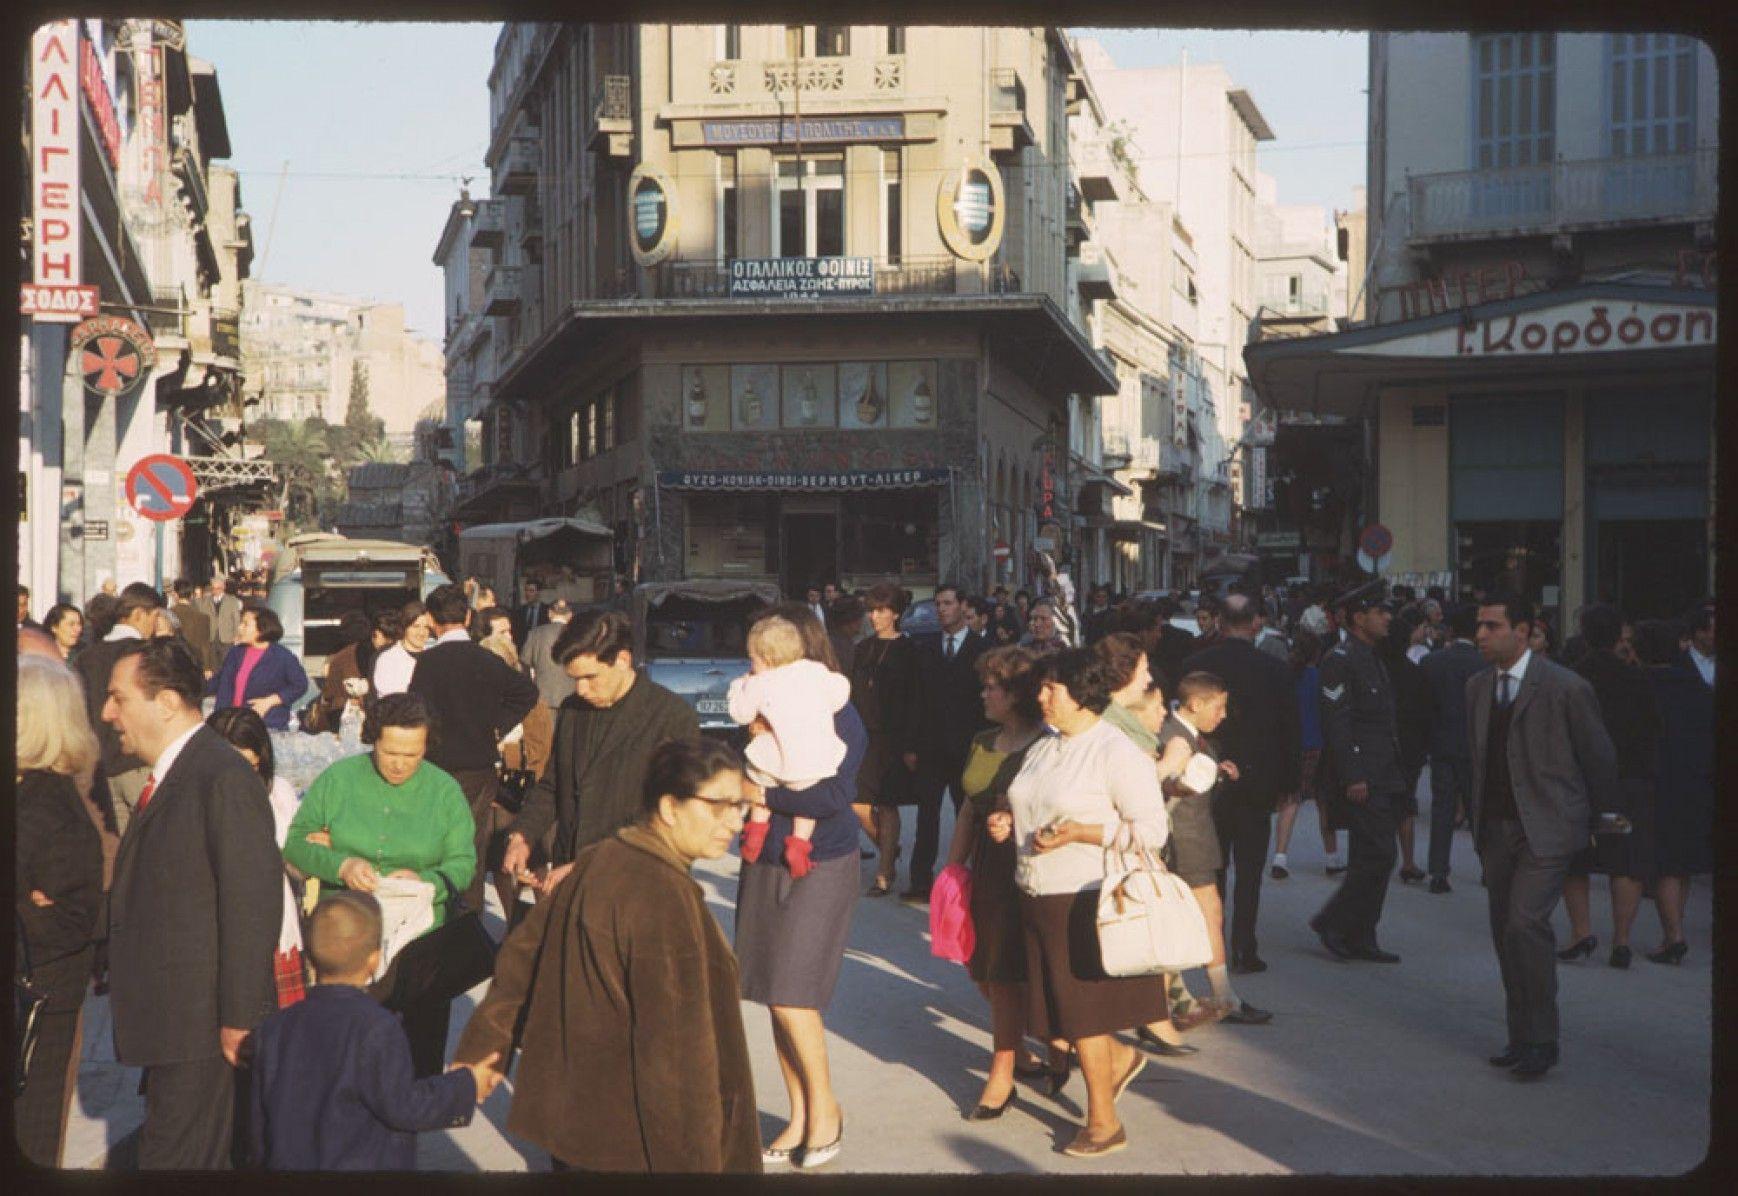 Ο Φάνης Ζουρόπουλος ανατρέχει στην δεκαετία 1960! Τότε που η Ελλάδα γνώρισε την πολιτιστική Άνοιξη της. Τότε που η κοινωνία πίστευε στο μέλλον. Και πως όσα θα ακολουθούσαν θα ήταν προς το καλύτερο. Αυτή η δεκαετία μπορεί να είναι σήμερα, οδηγός για νέο ξεκίνημα. new deal